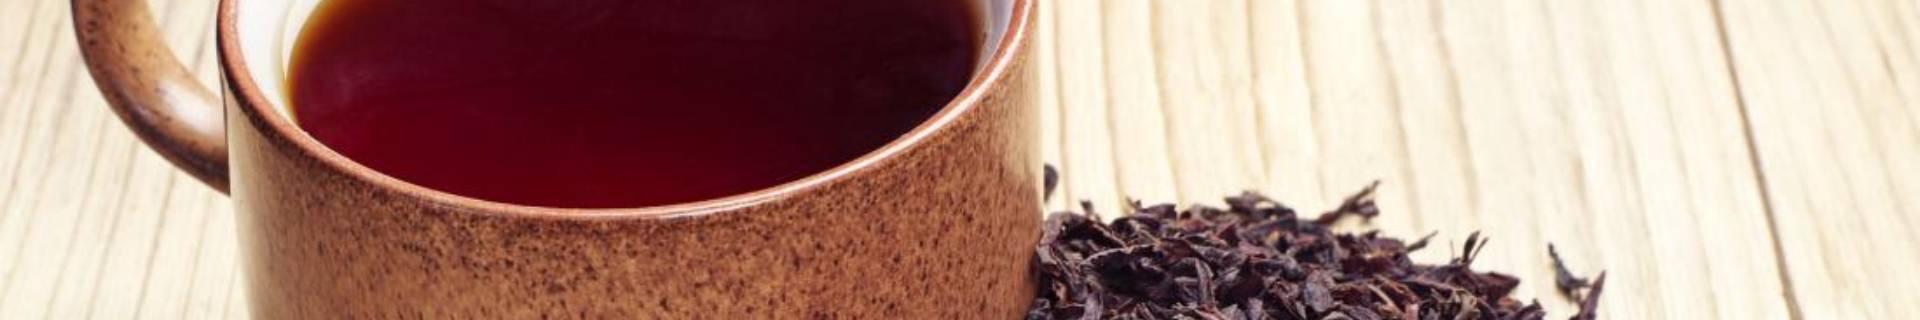 Organic & Fairtrade Red Tea - ECOLECTIA